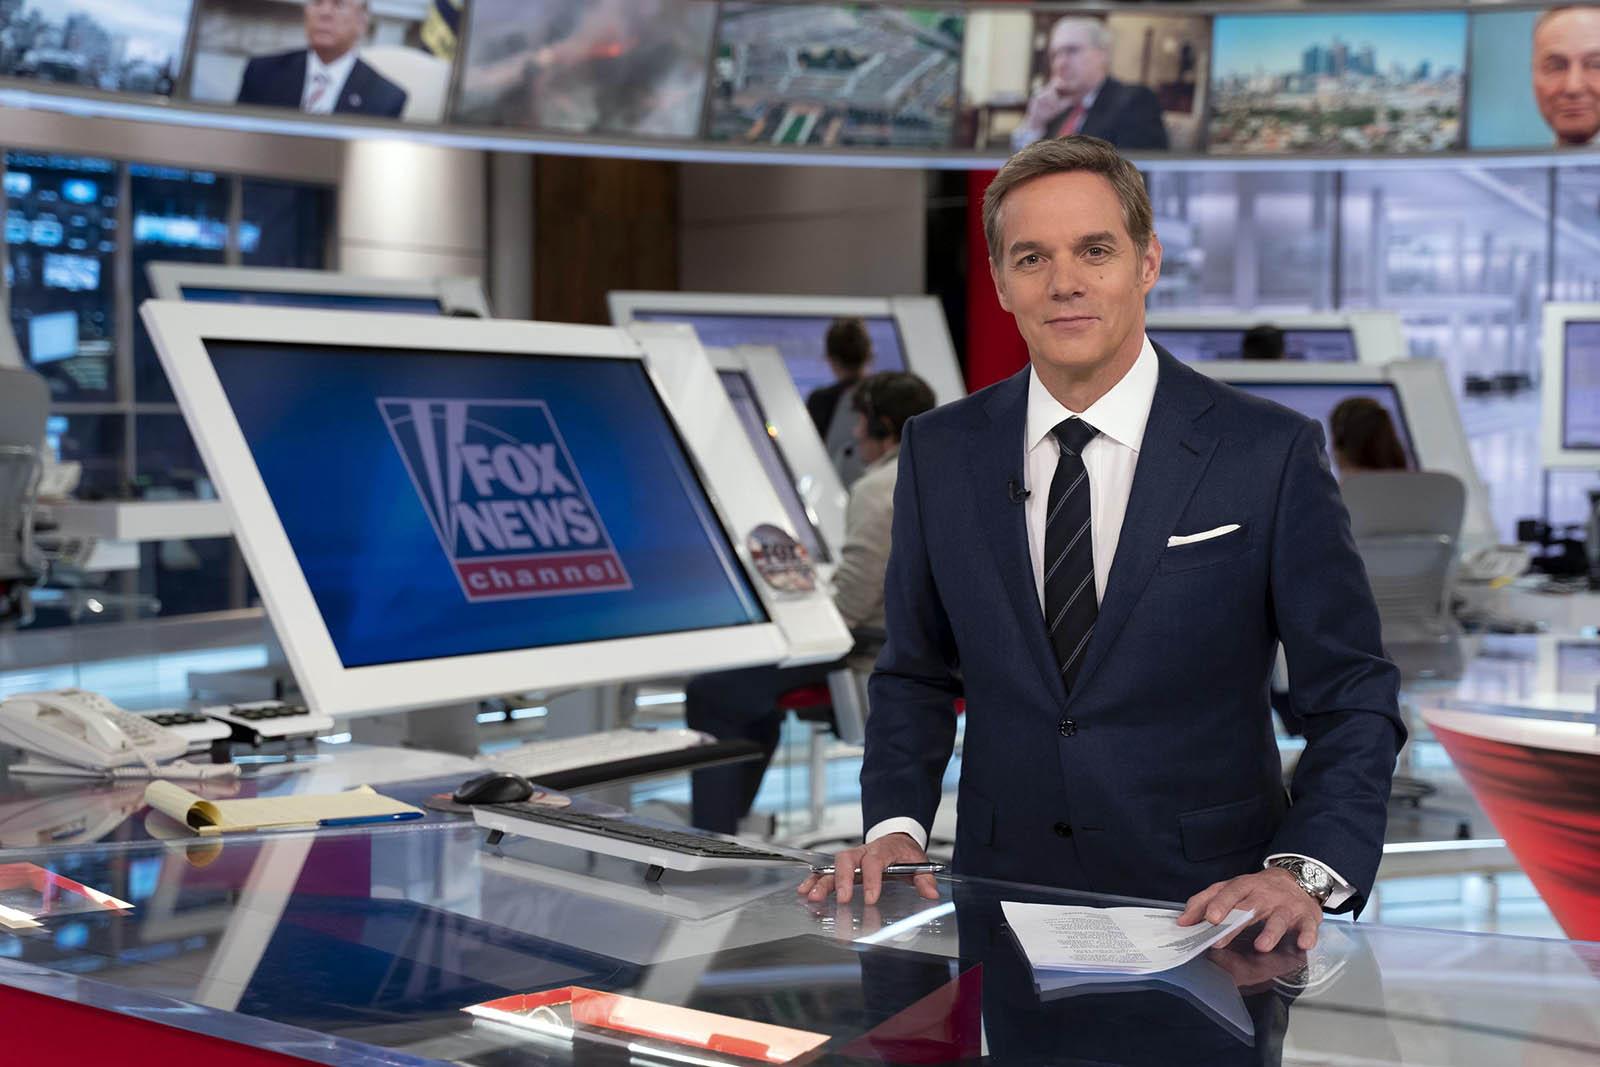 Bill Hemmer at News cast studio